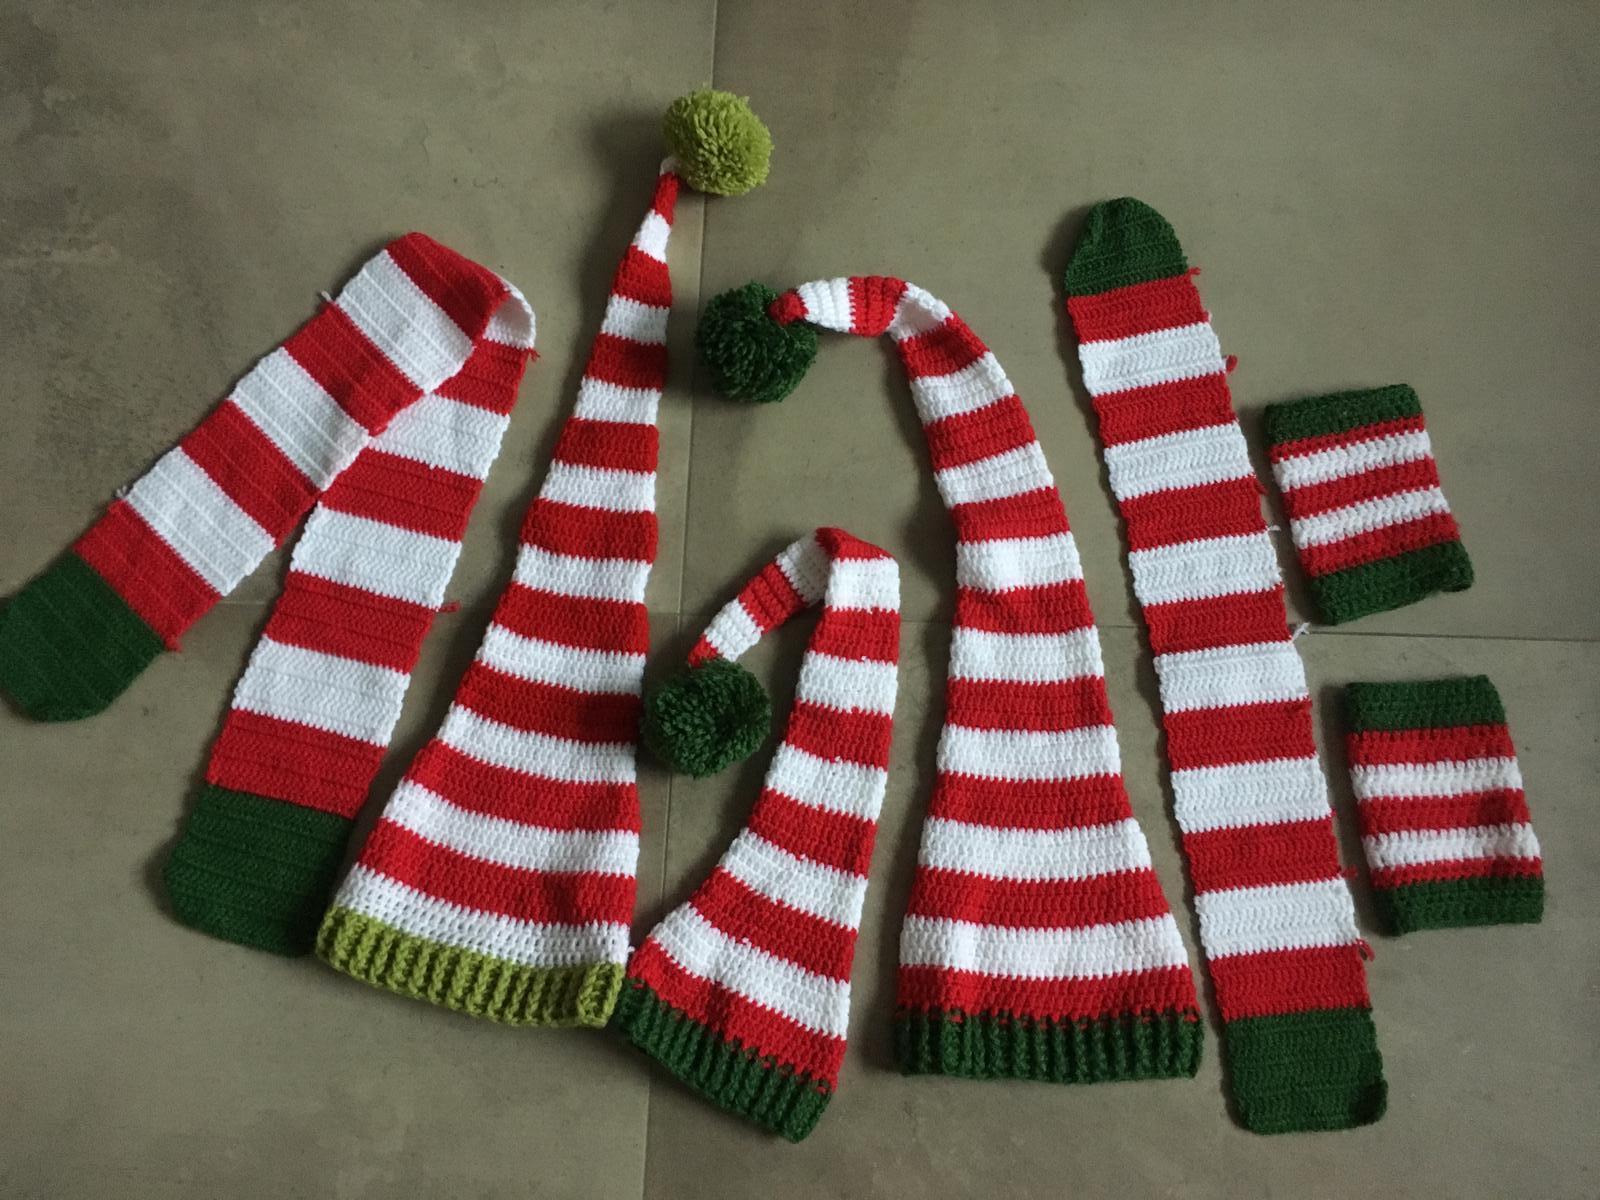 65a37bdfe Trpaslíčie vianočné čiapky - fotorekvizity, 86 - 25 € od predávajúcej  mirka_goga   Detský bazár   ModryKonik.sk